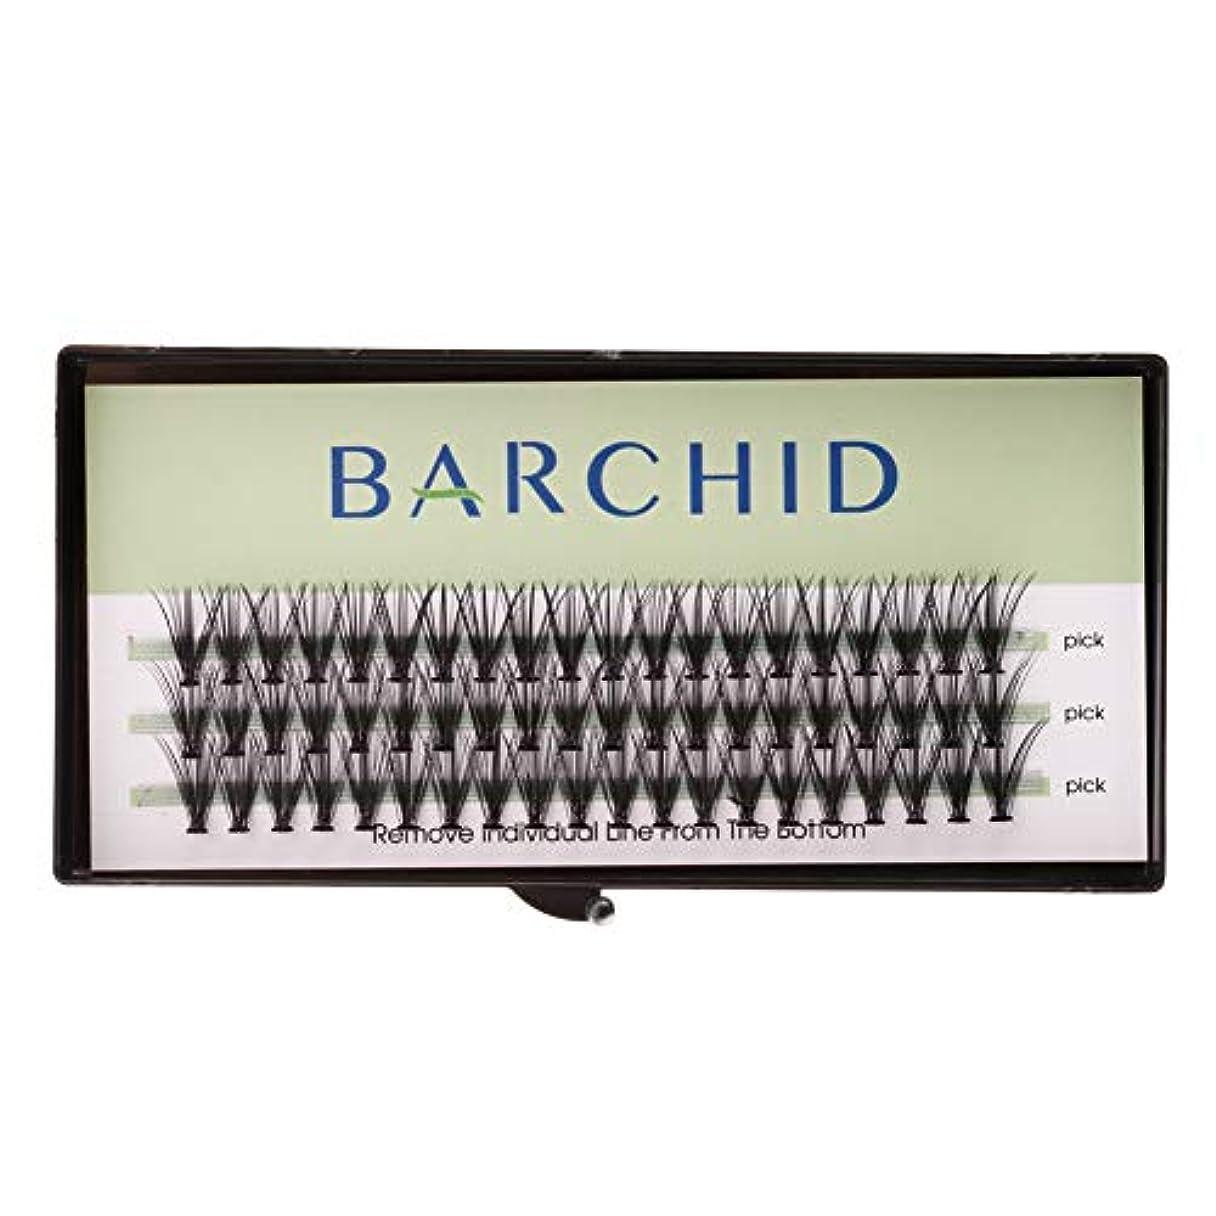 なんでも置換演劇BARCHID 高品質まつげエクステ超極細太さ0.07mm 20本束12mm フレア セルフ用 素材 Cカールマツエク